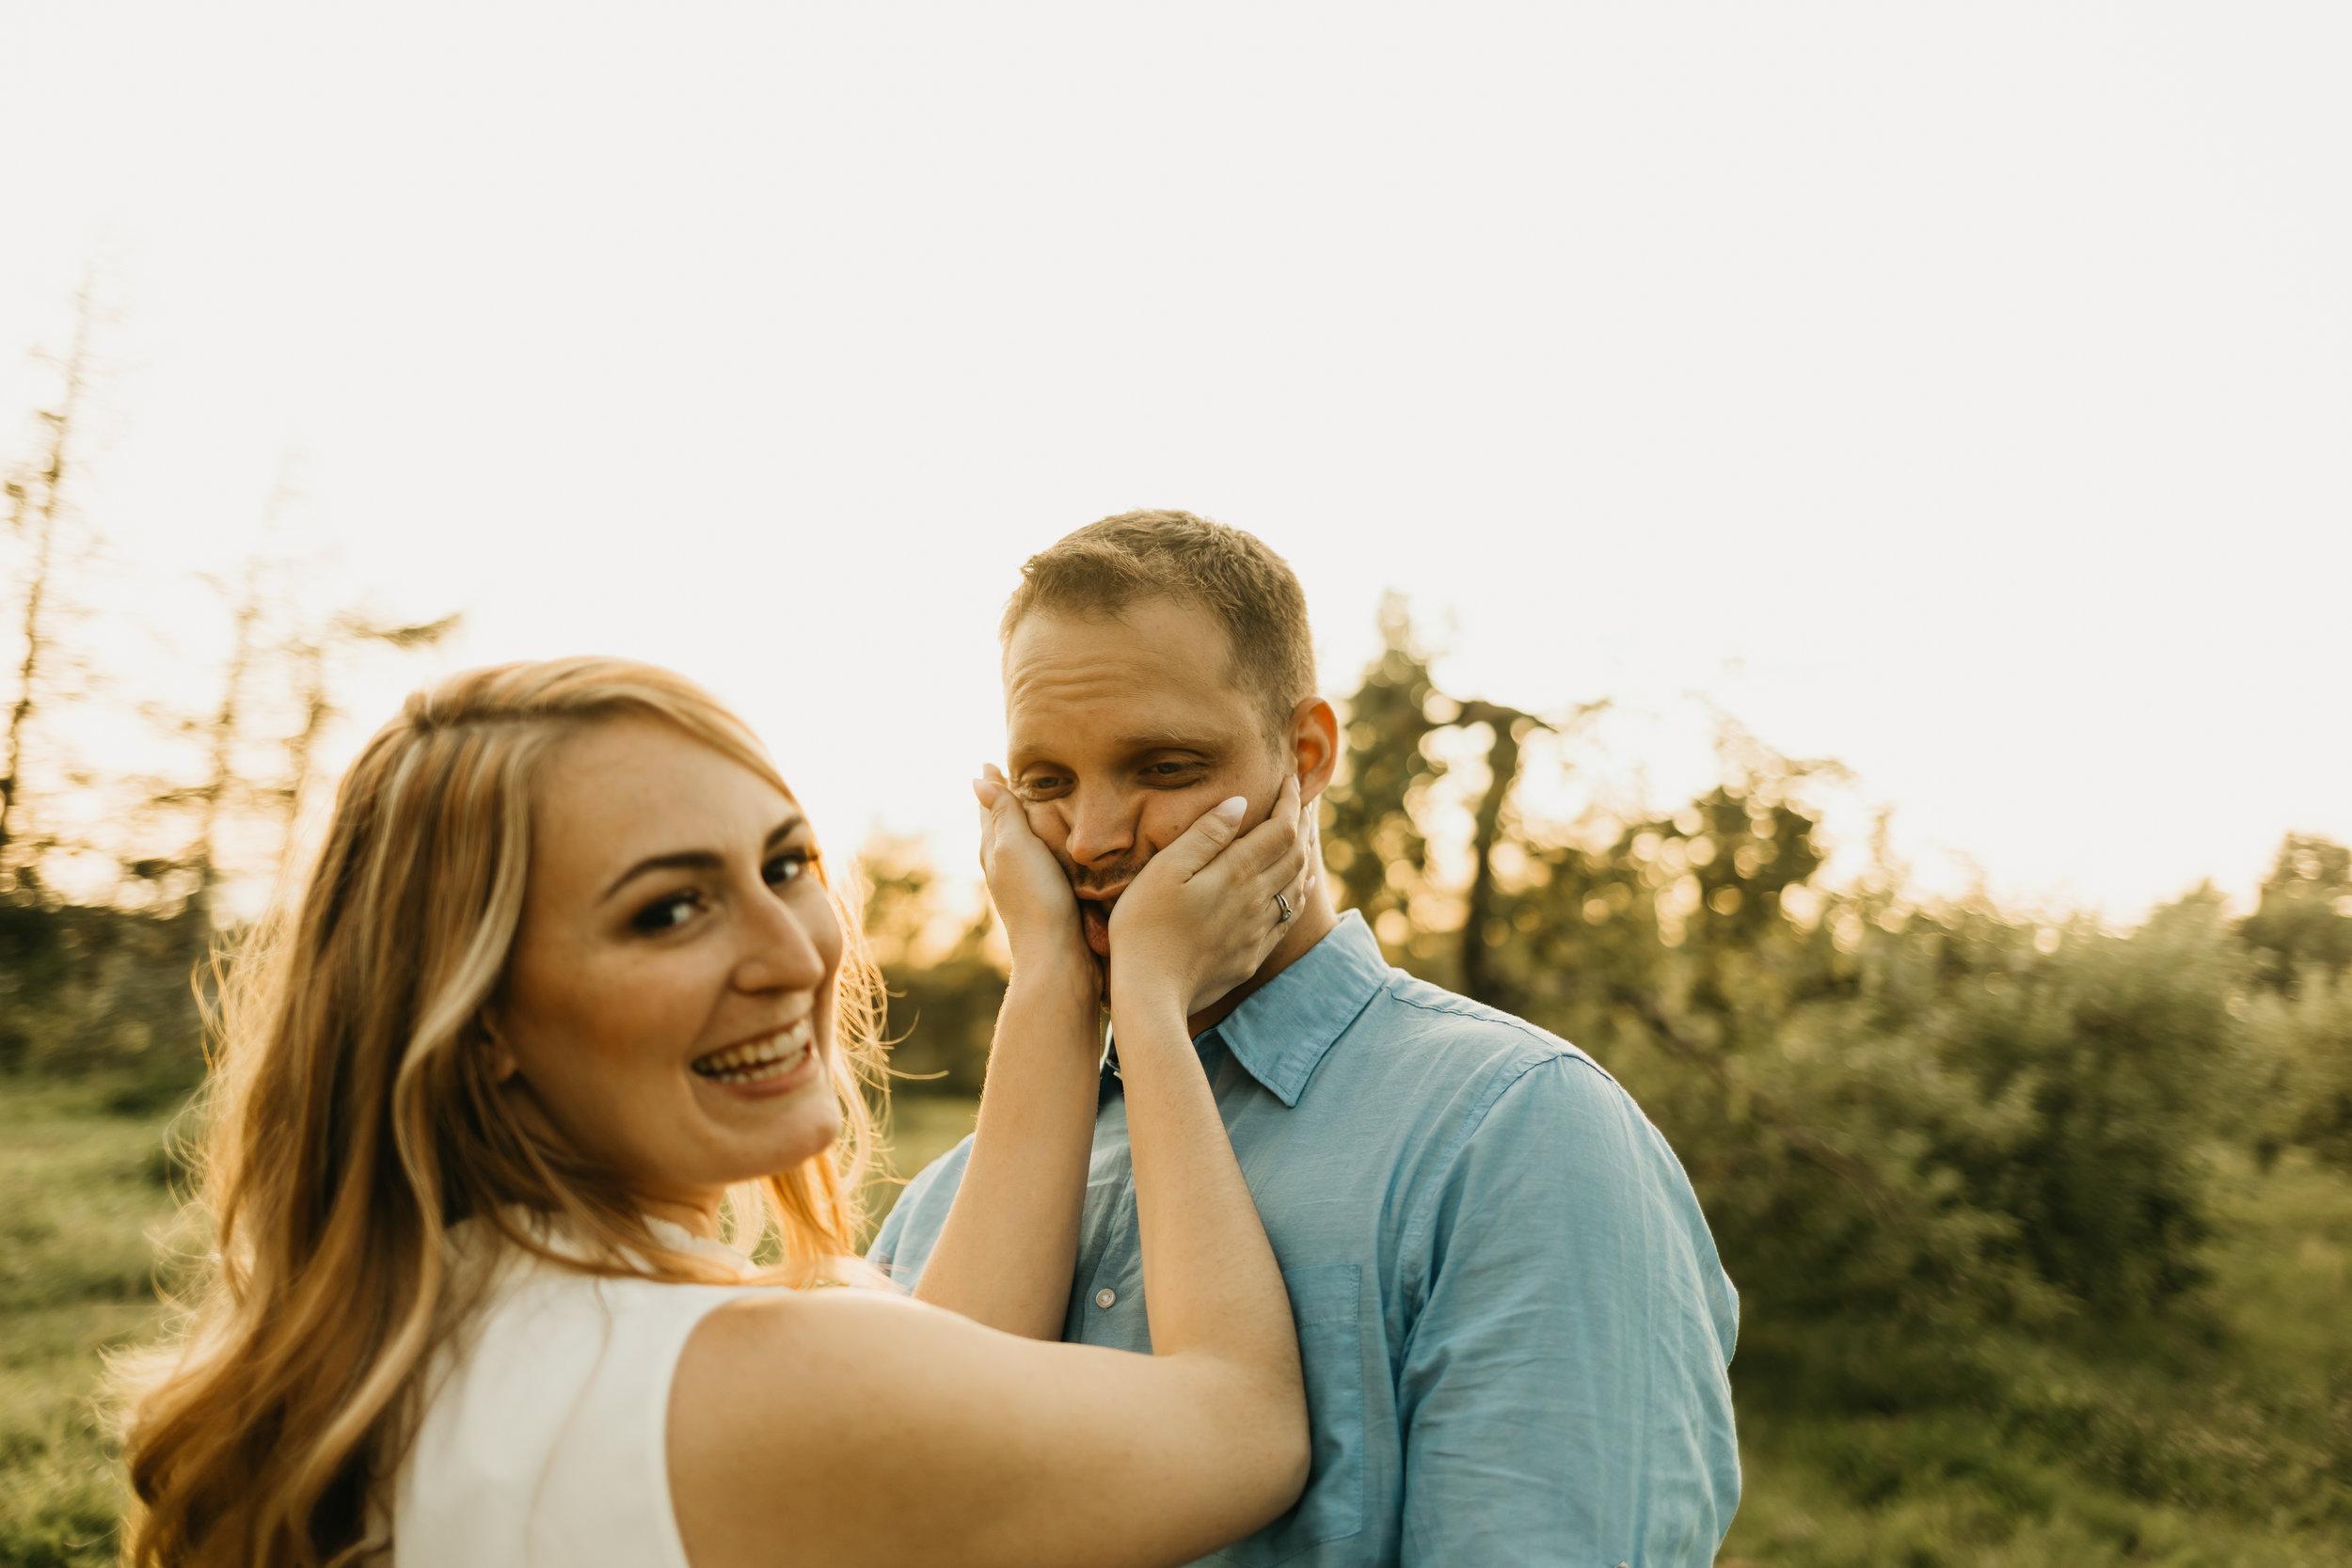 Engagement-shoot-Mont-saint-hilaire-québec-2192.jpg